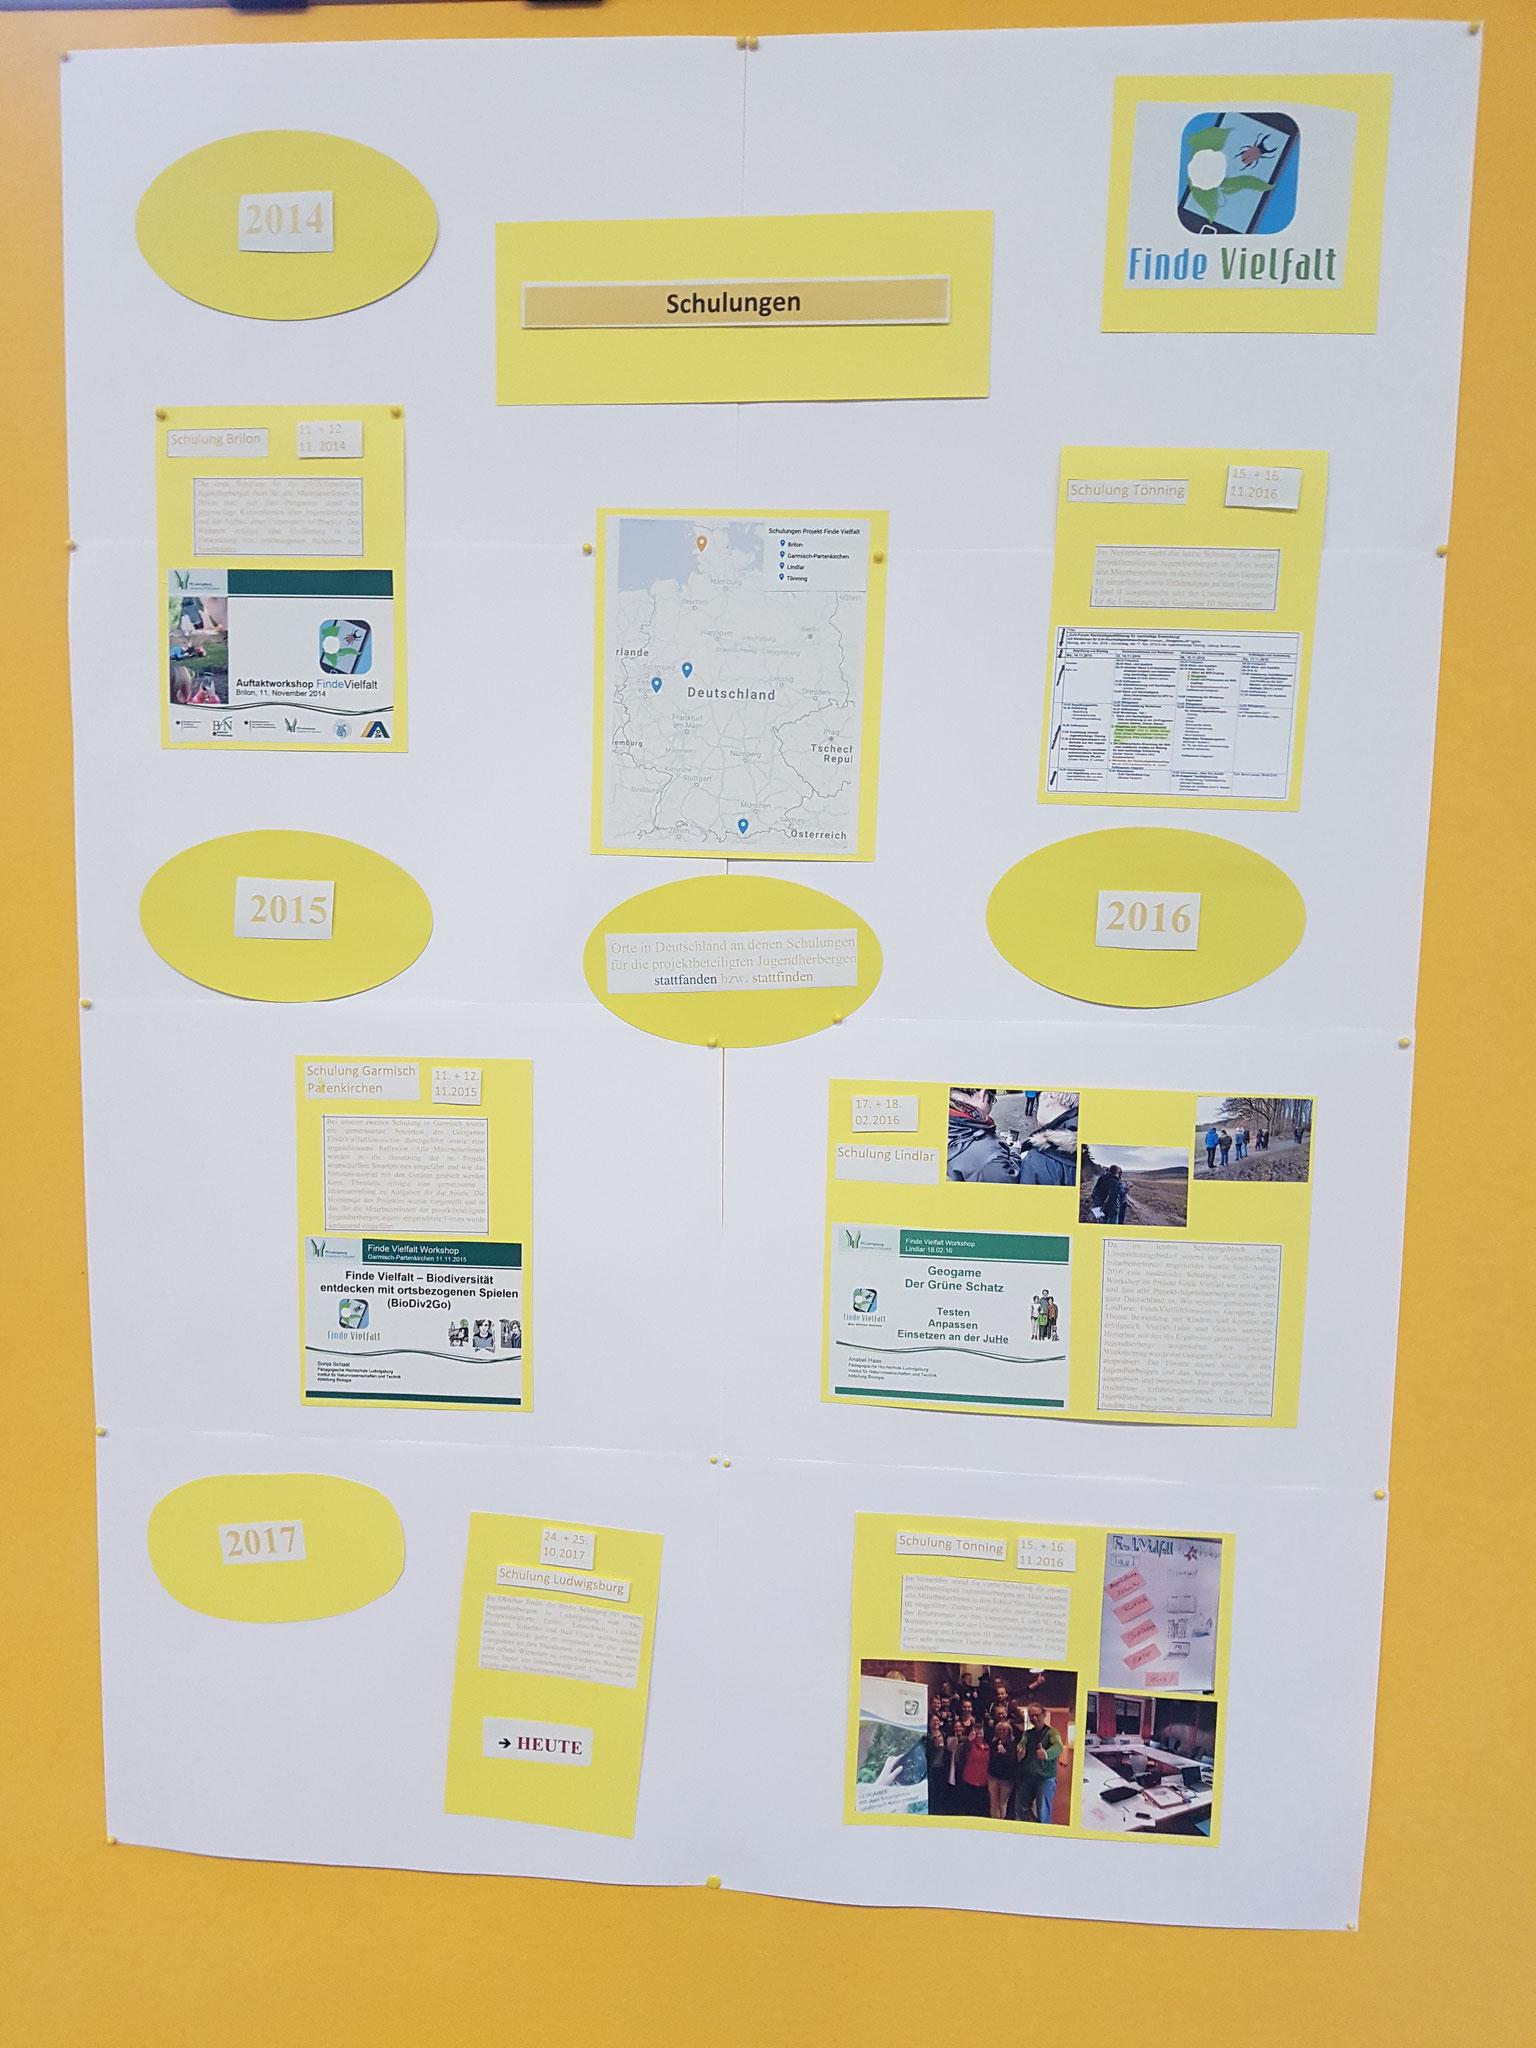 Posterrundgang durch das bisherige Projekt - Bereich Schulungen